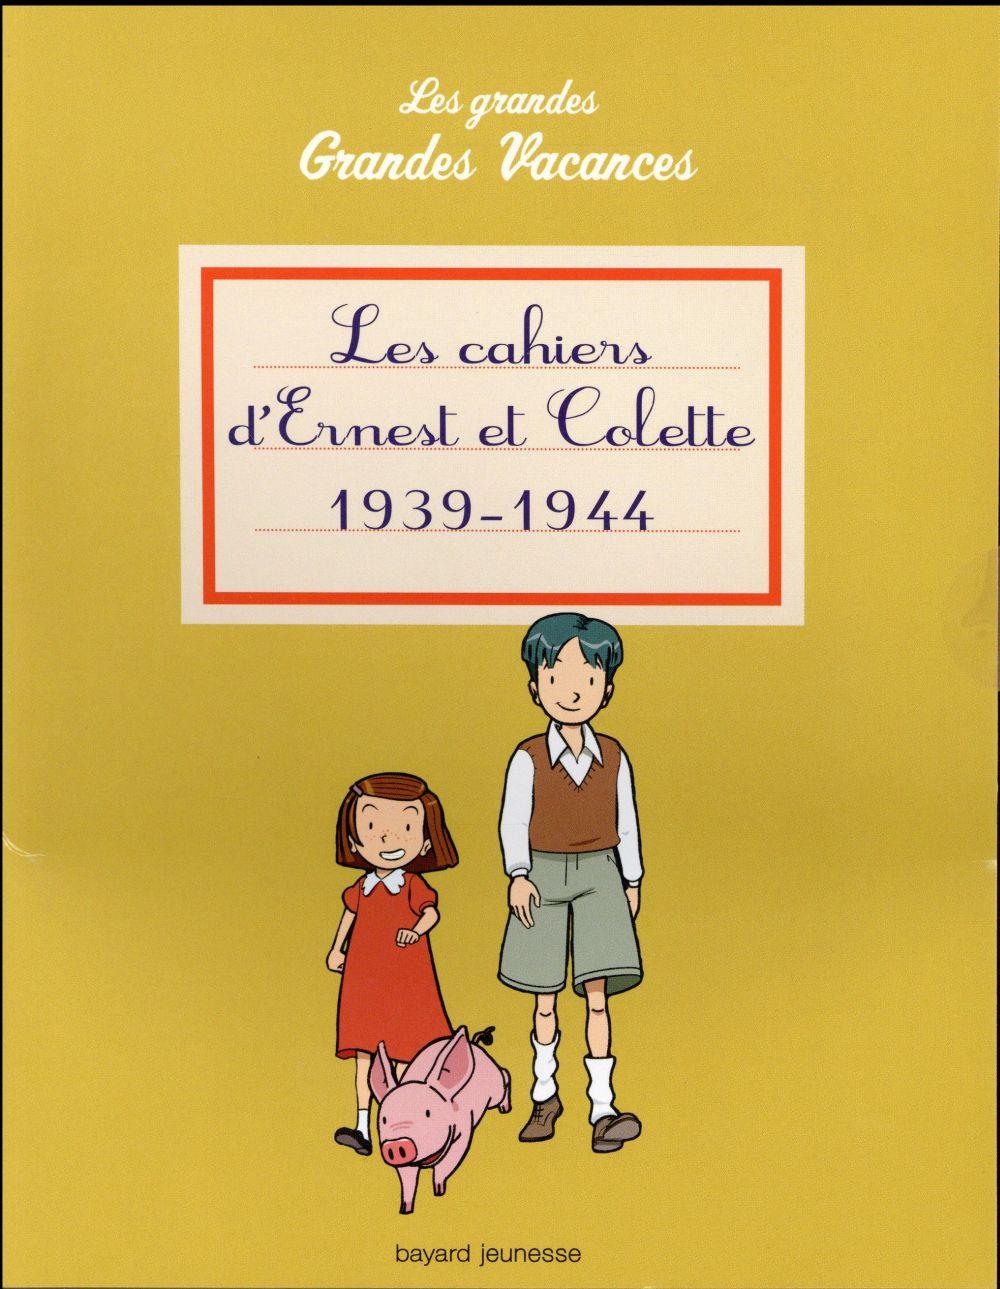 les grandes grandes vacances ; les cahiers d'Ernest et de Colette, 1939-1944